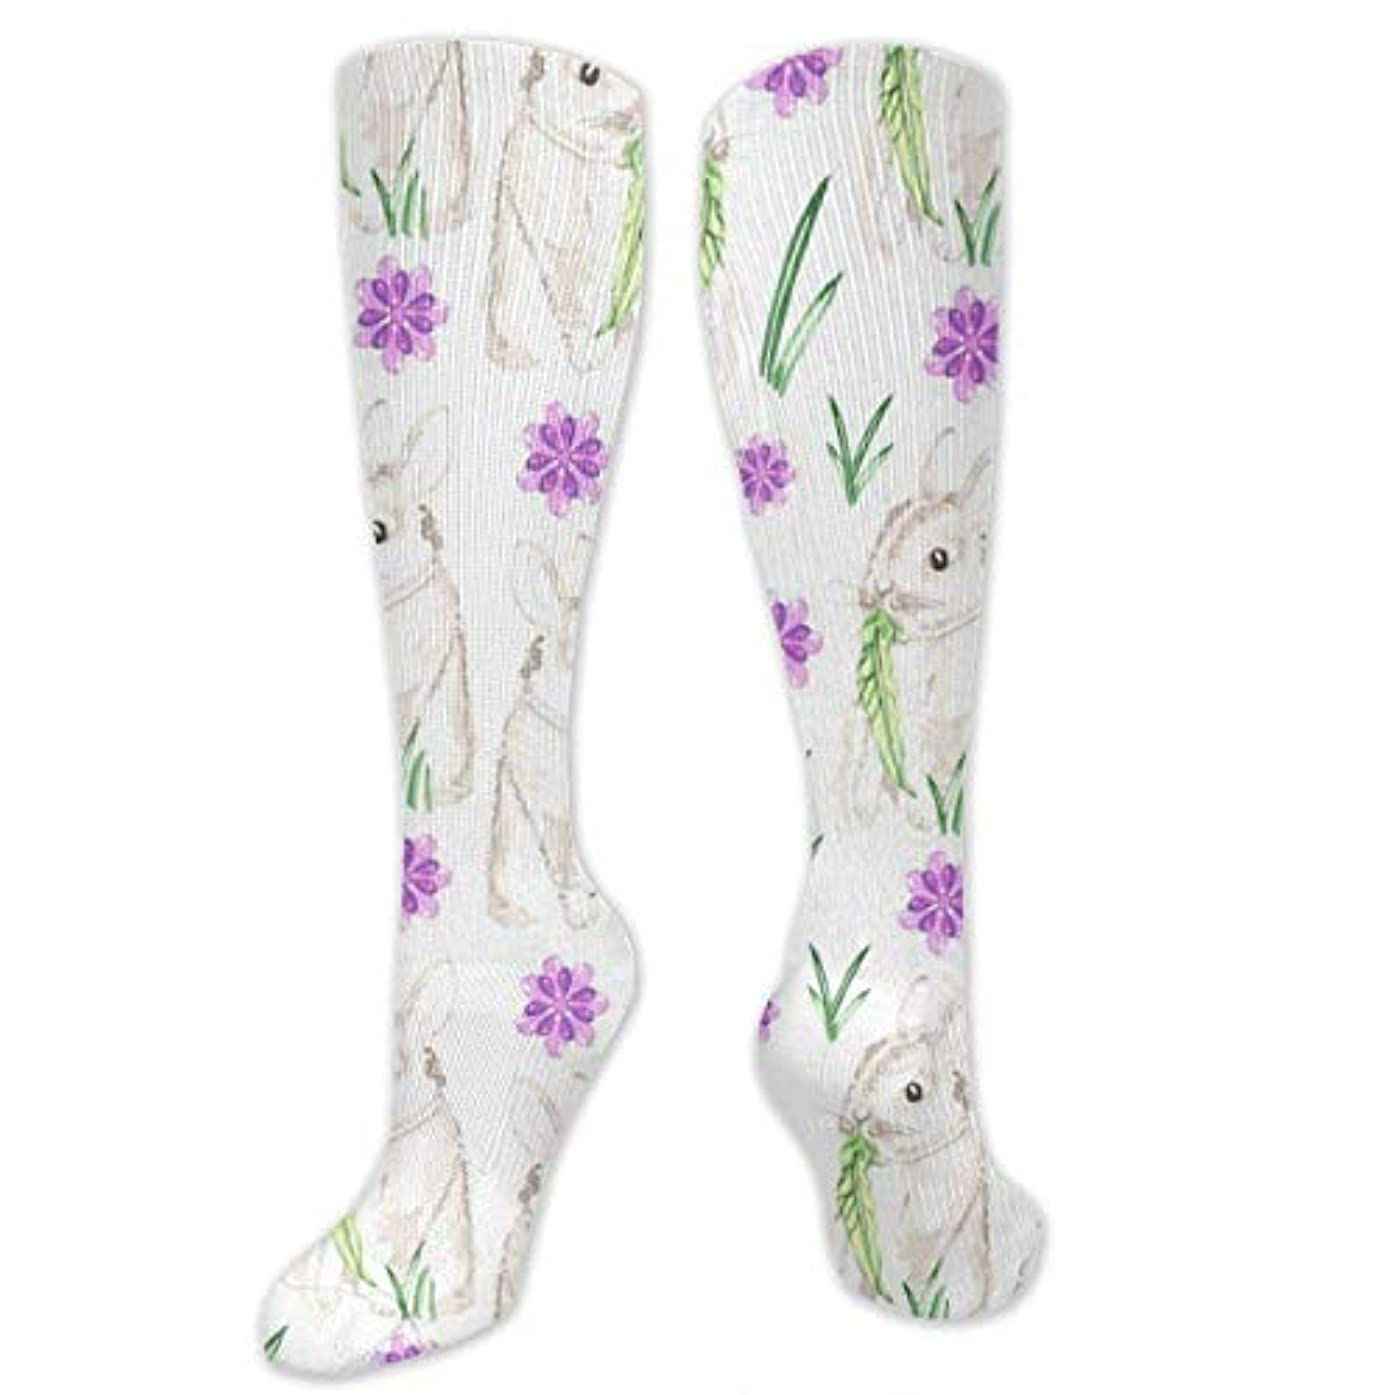 蘇生する報いる雲靴下,ストッキング,野生のジョーカー,実際,秋の本質,冬必須,サマーウェア&RBXAA Watercolor Baby Bunny Socks Women's Winter Cotton Long Tube Socks...